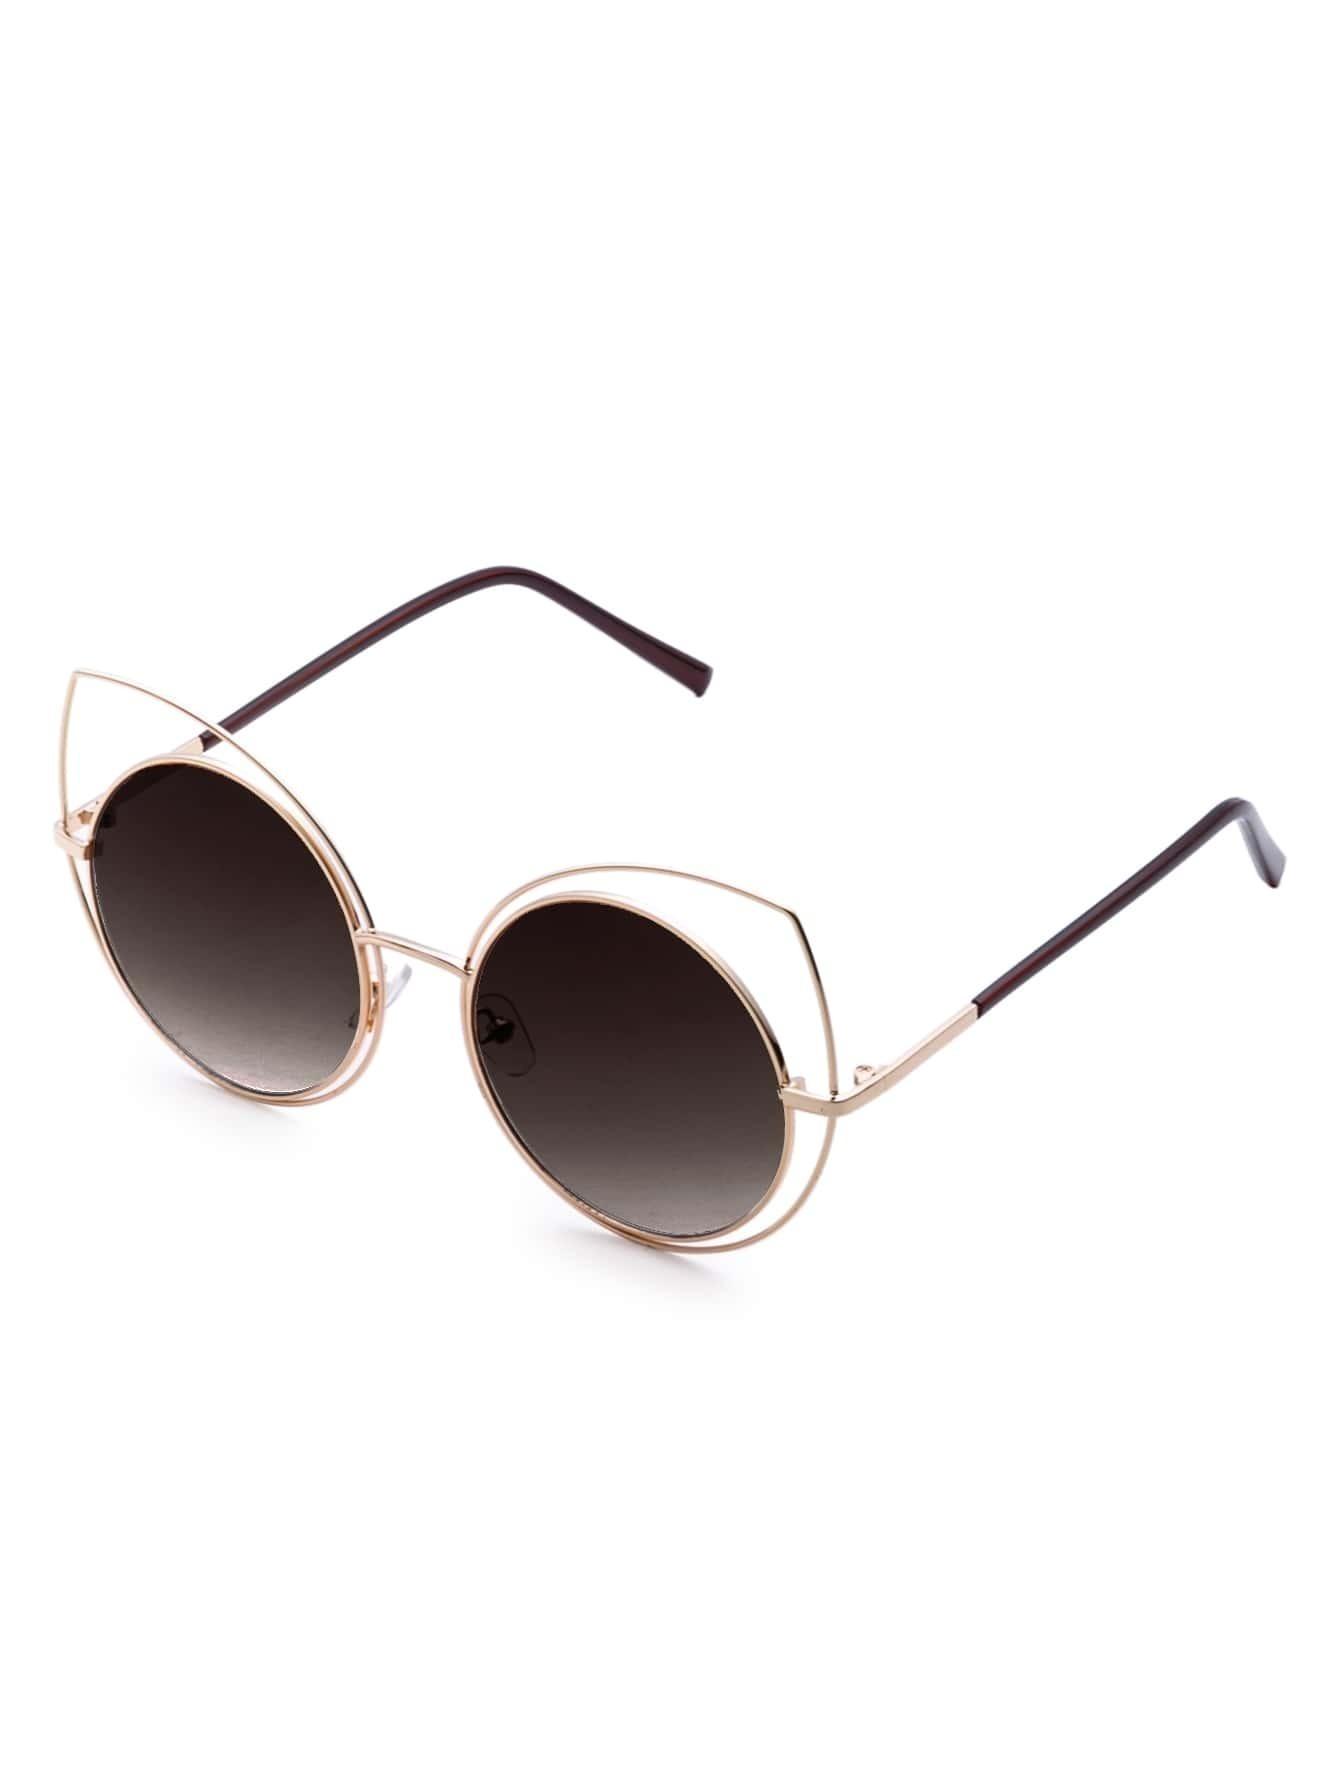 Gold Frame Cat Eye Sunglasses : Gold Frame Brwon Lens Cat Eye Sunglasses